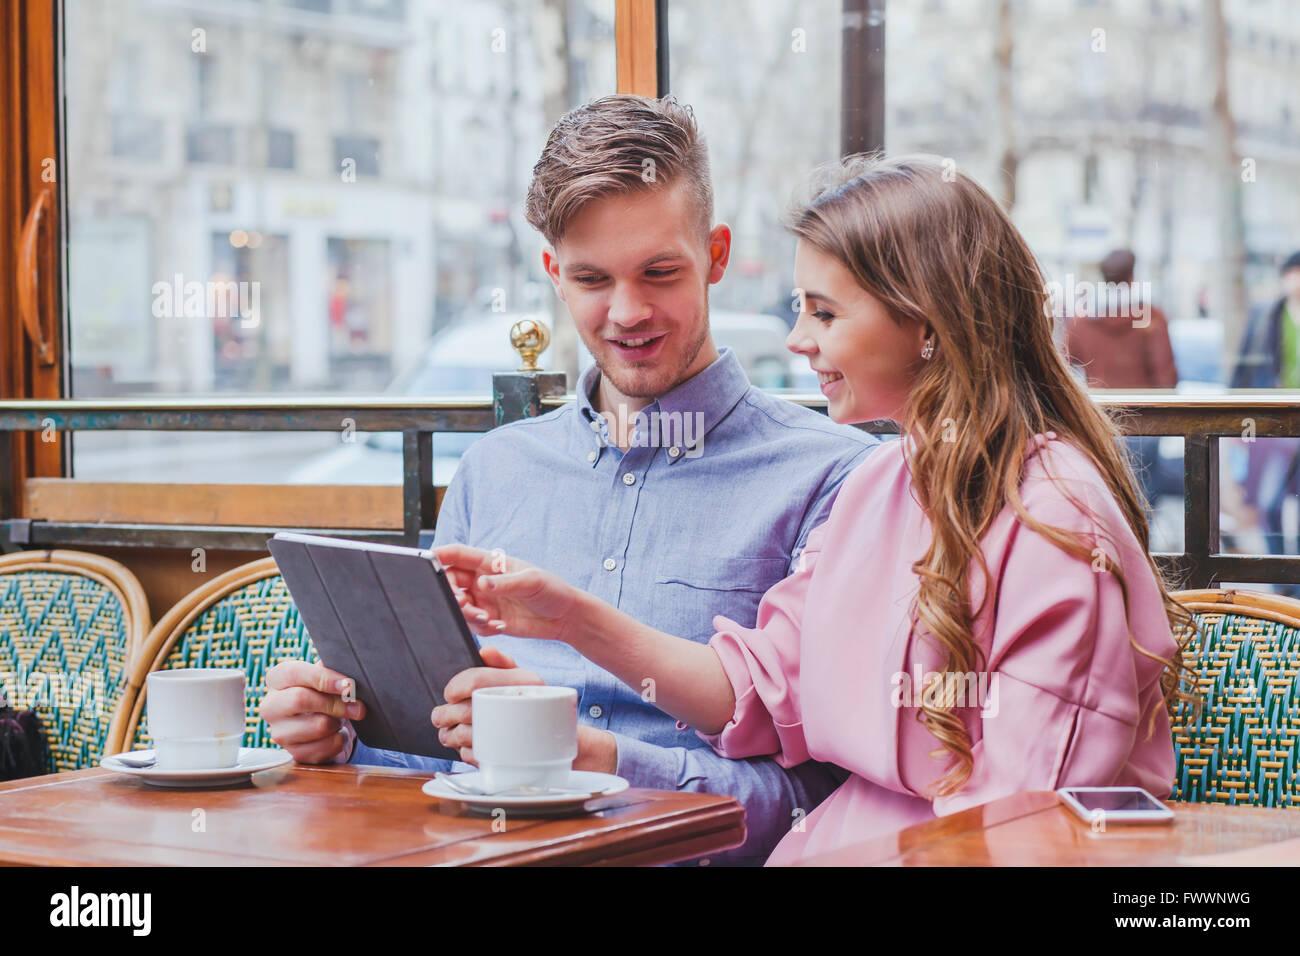 Young couple with digital tablet in cafe, smiling happy homme et femme à la recherche de l'écran, Photo Stock